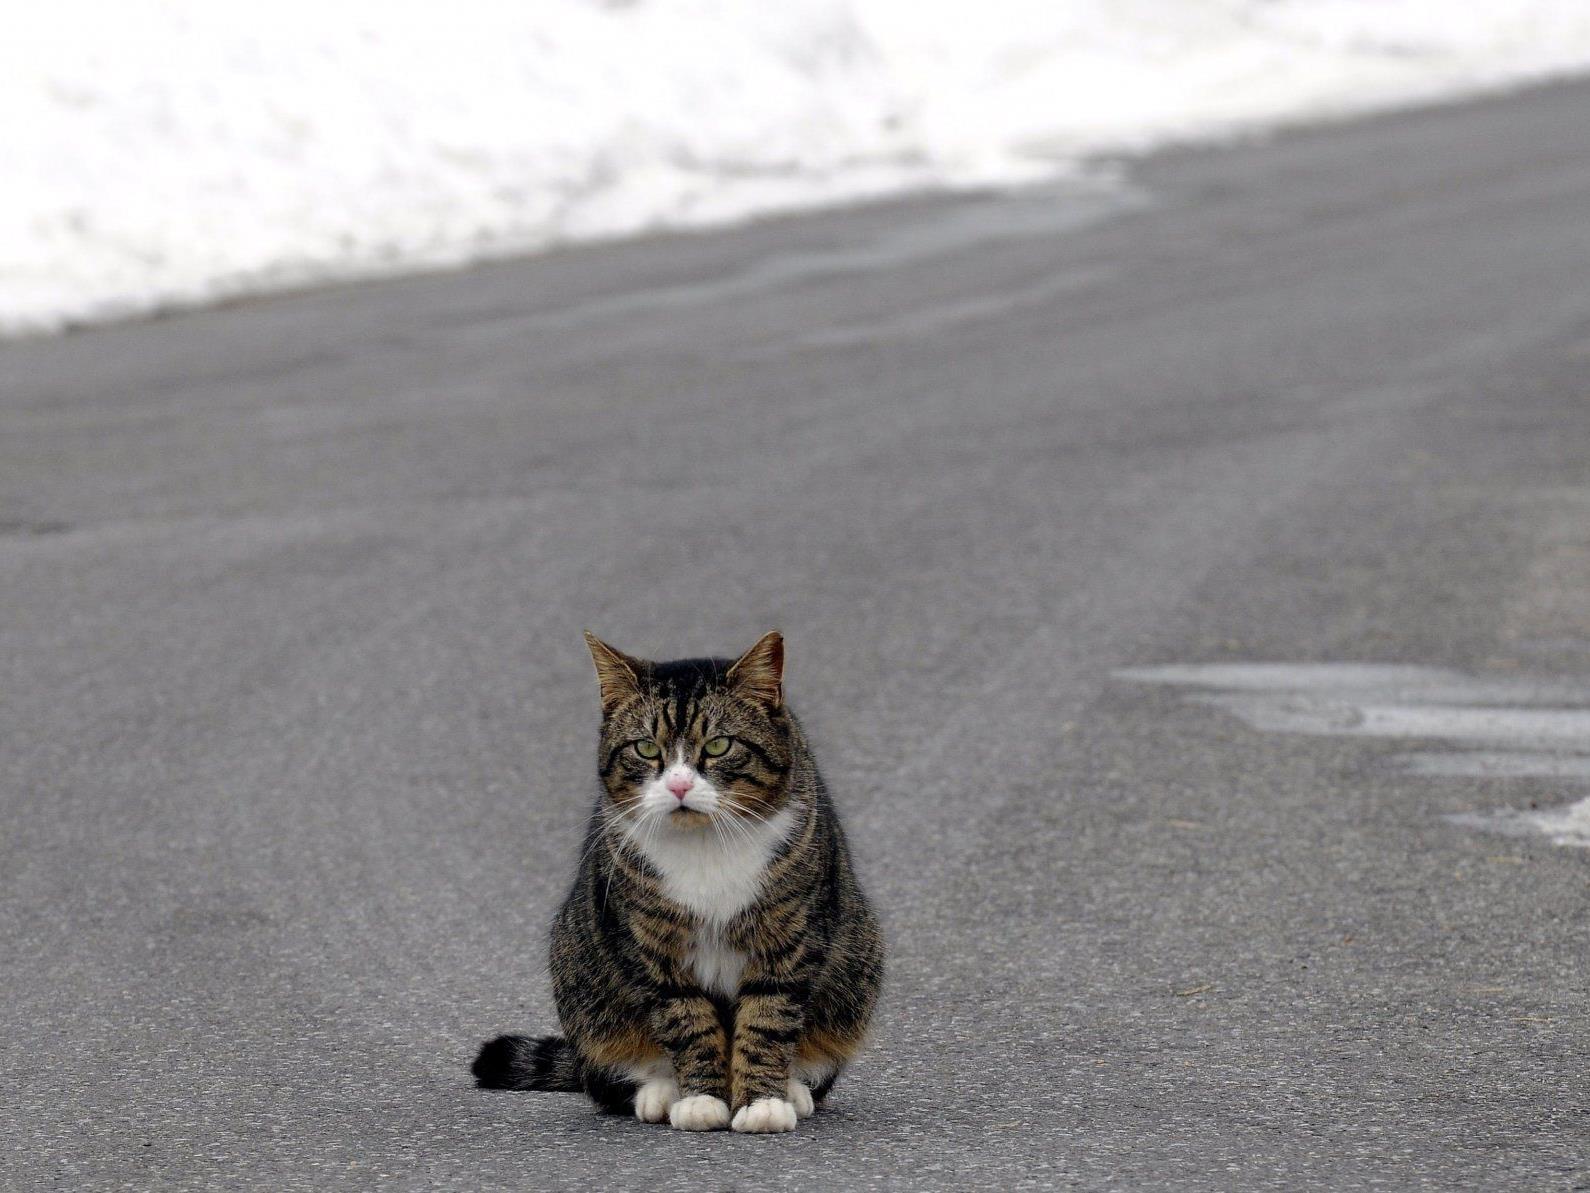 Katze dreimal von Polizei überfahren.